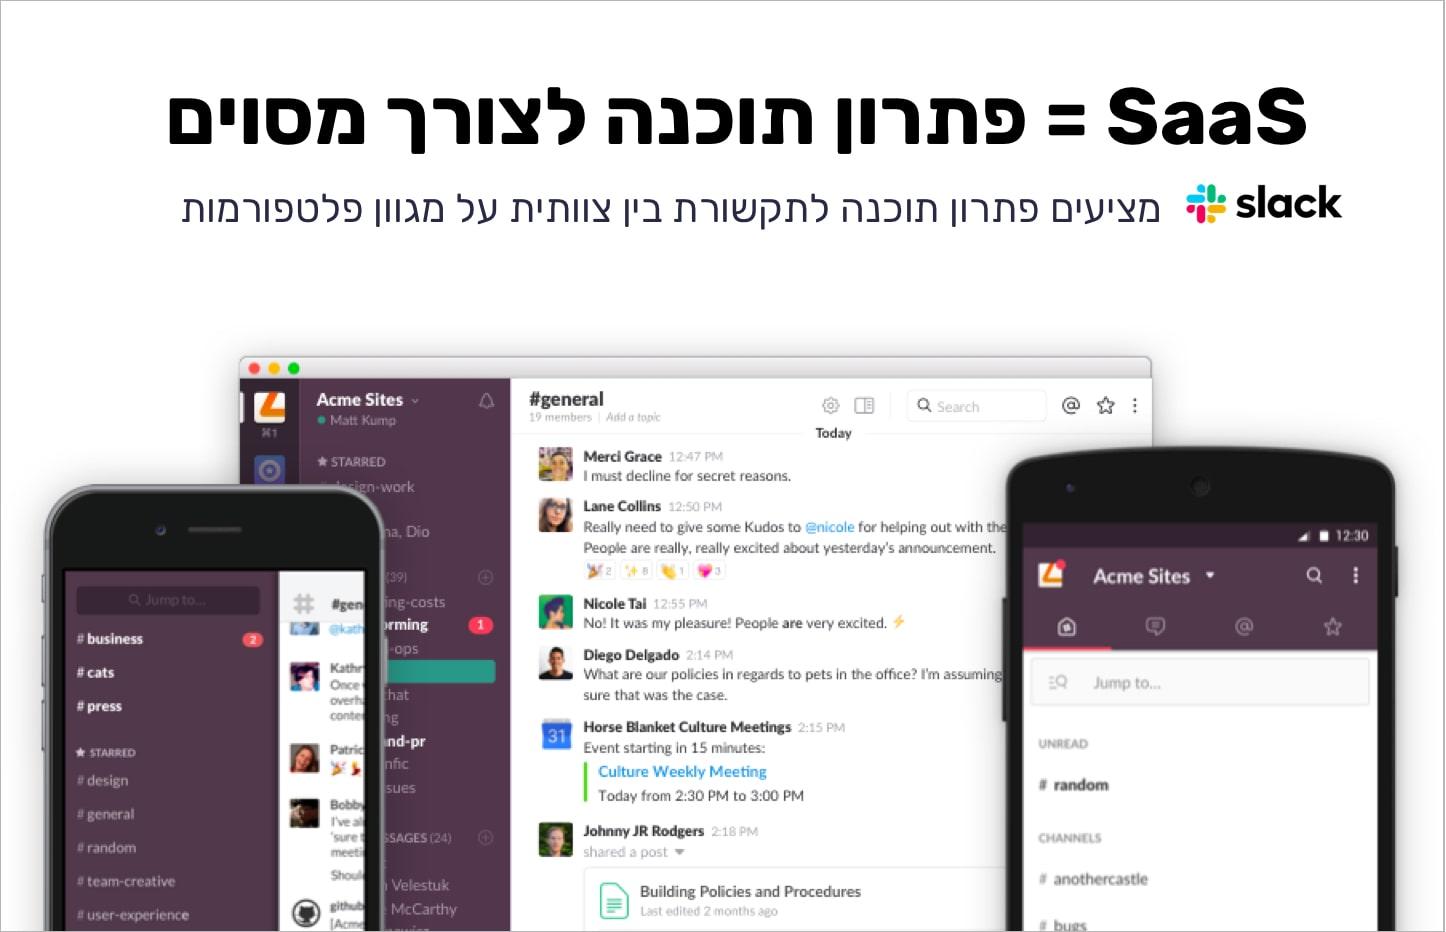 מה זה SaaS? דוגמה ל-Slack בתור חברת SaaS